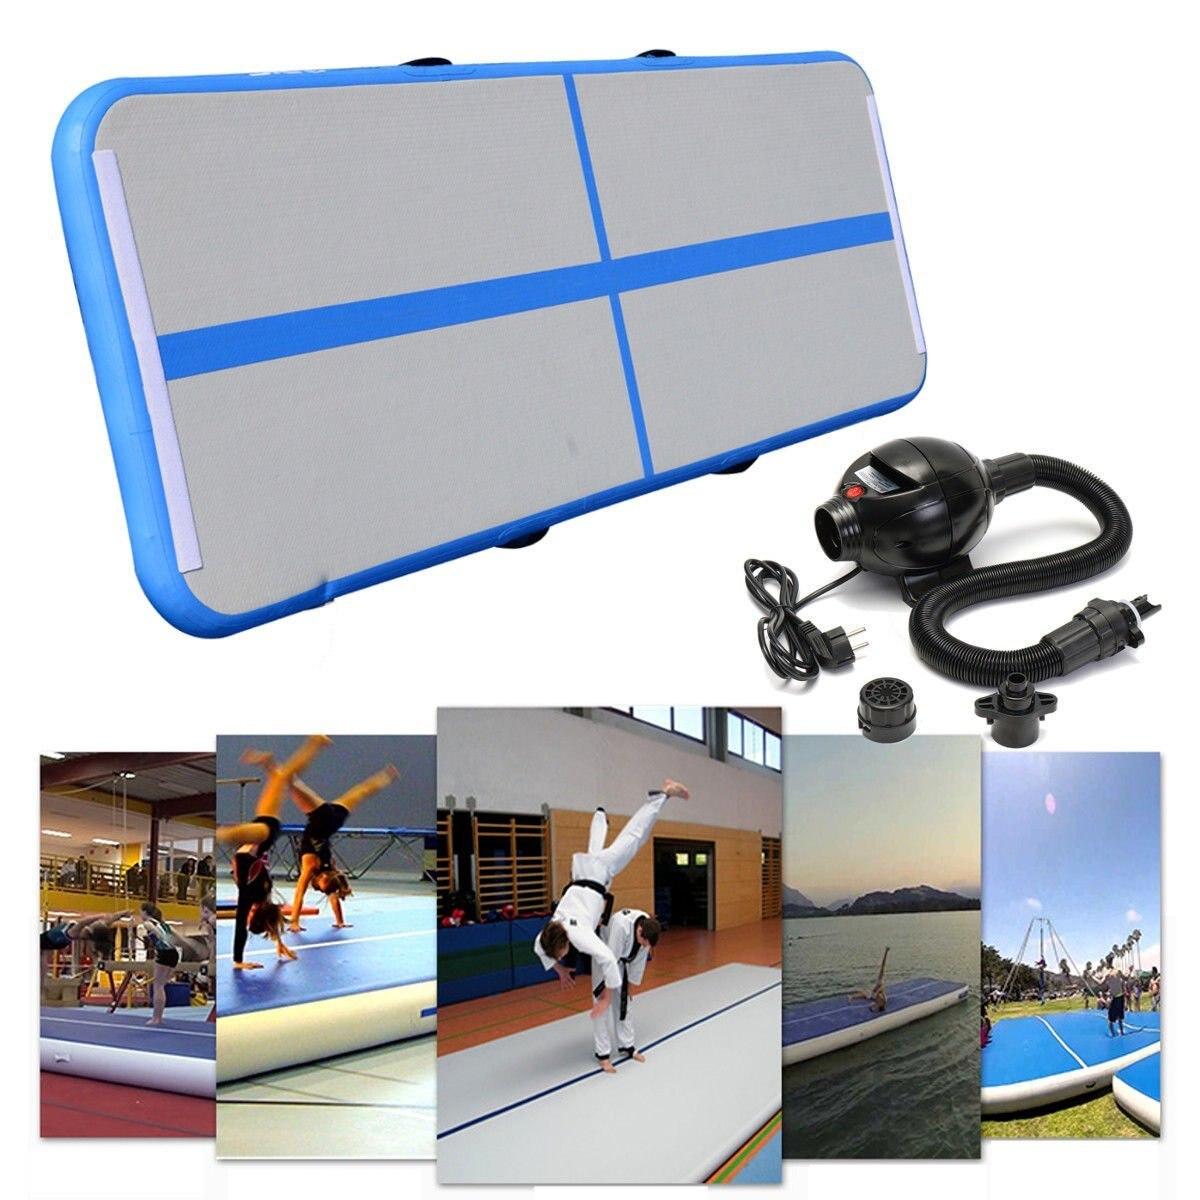 Pompe à Air électrique de Trampoline du plancher 5 m de voie d'air de culbuteur d'air gonflable de gymnastique pour l'usage à la maison/formation/Cheerleading/plage - 5